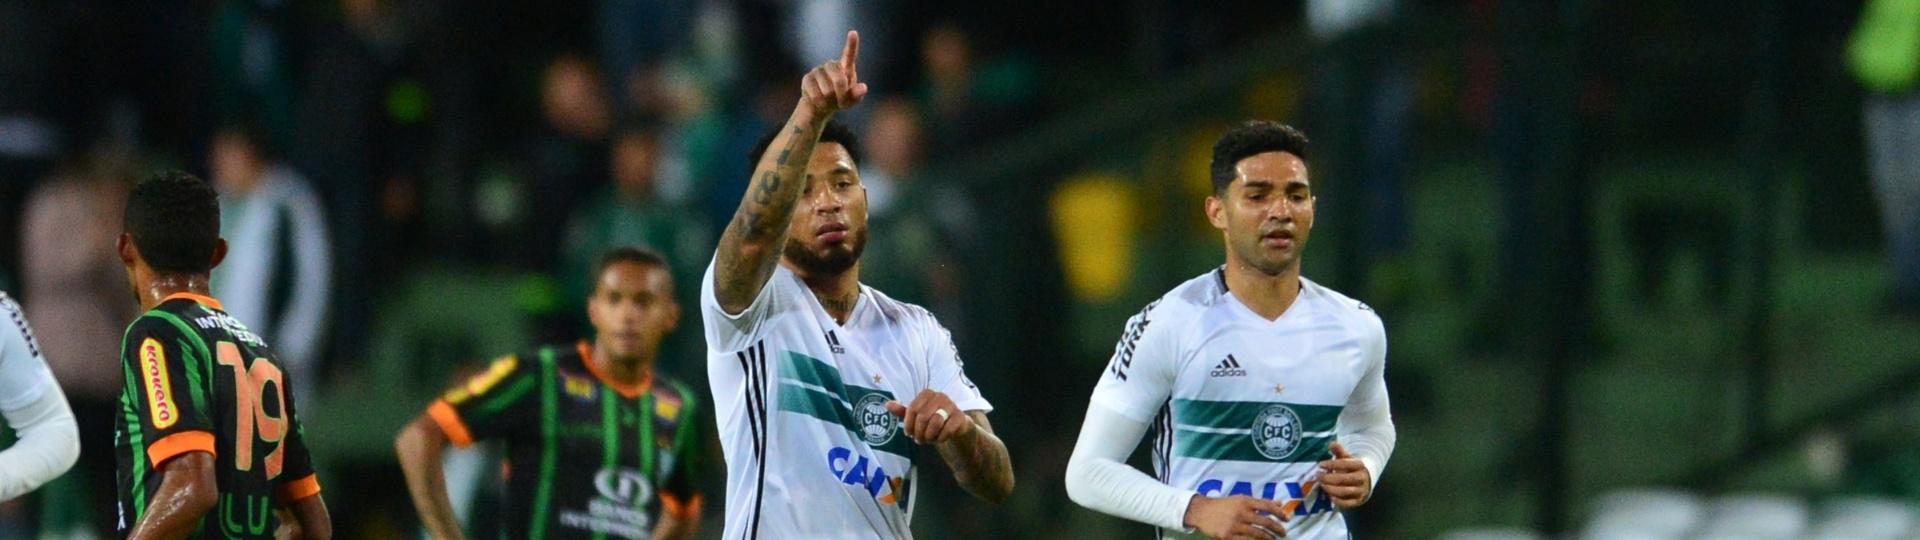 Kazim marca para o Coritiba contra o América-MG